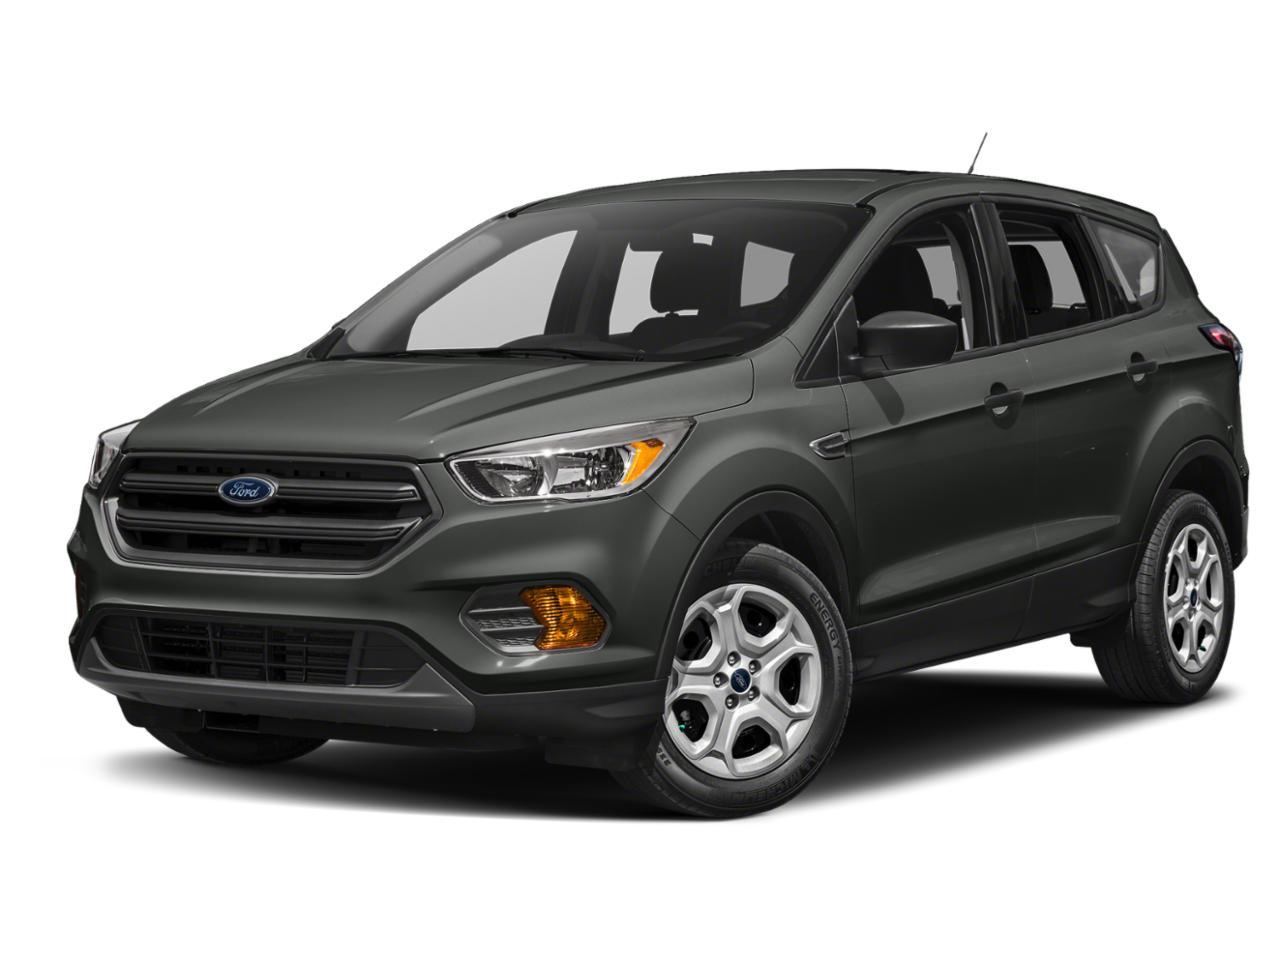 2018 Ford Escape S SUV Slide